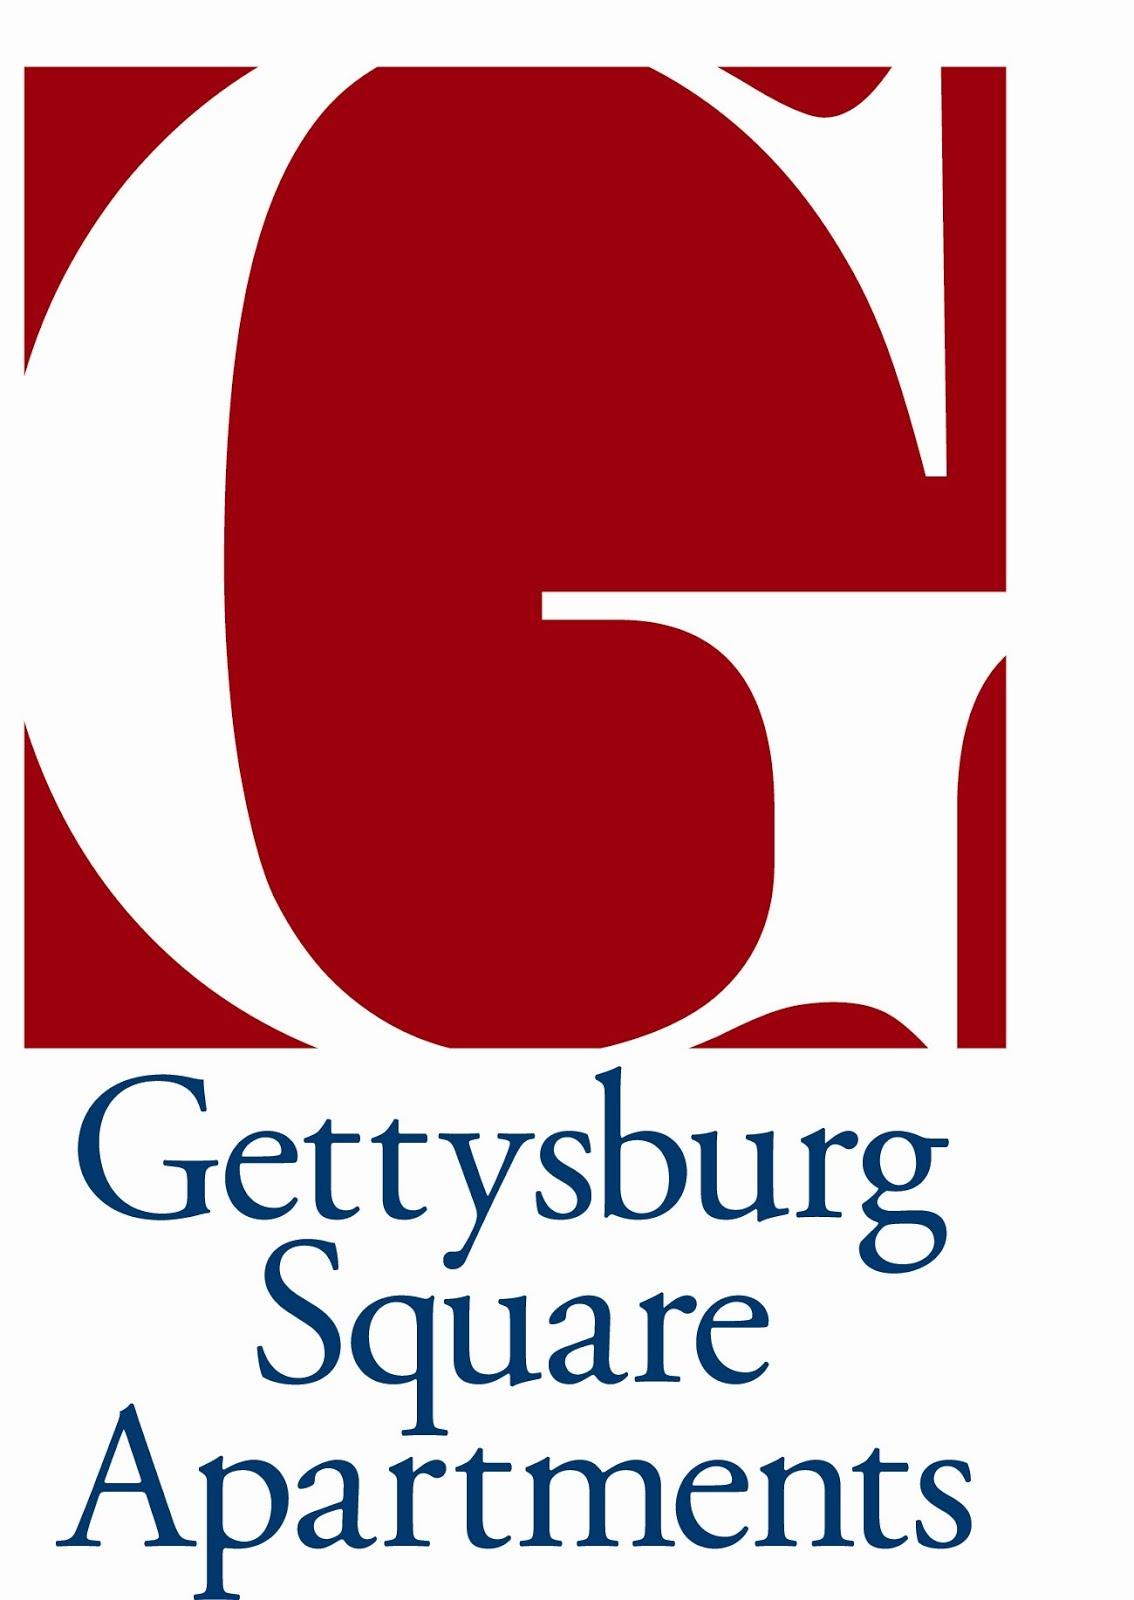 Gettysburg Square Apartments